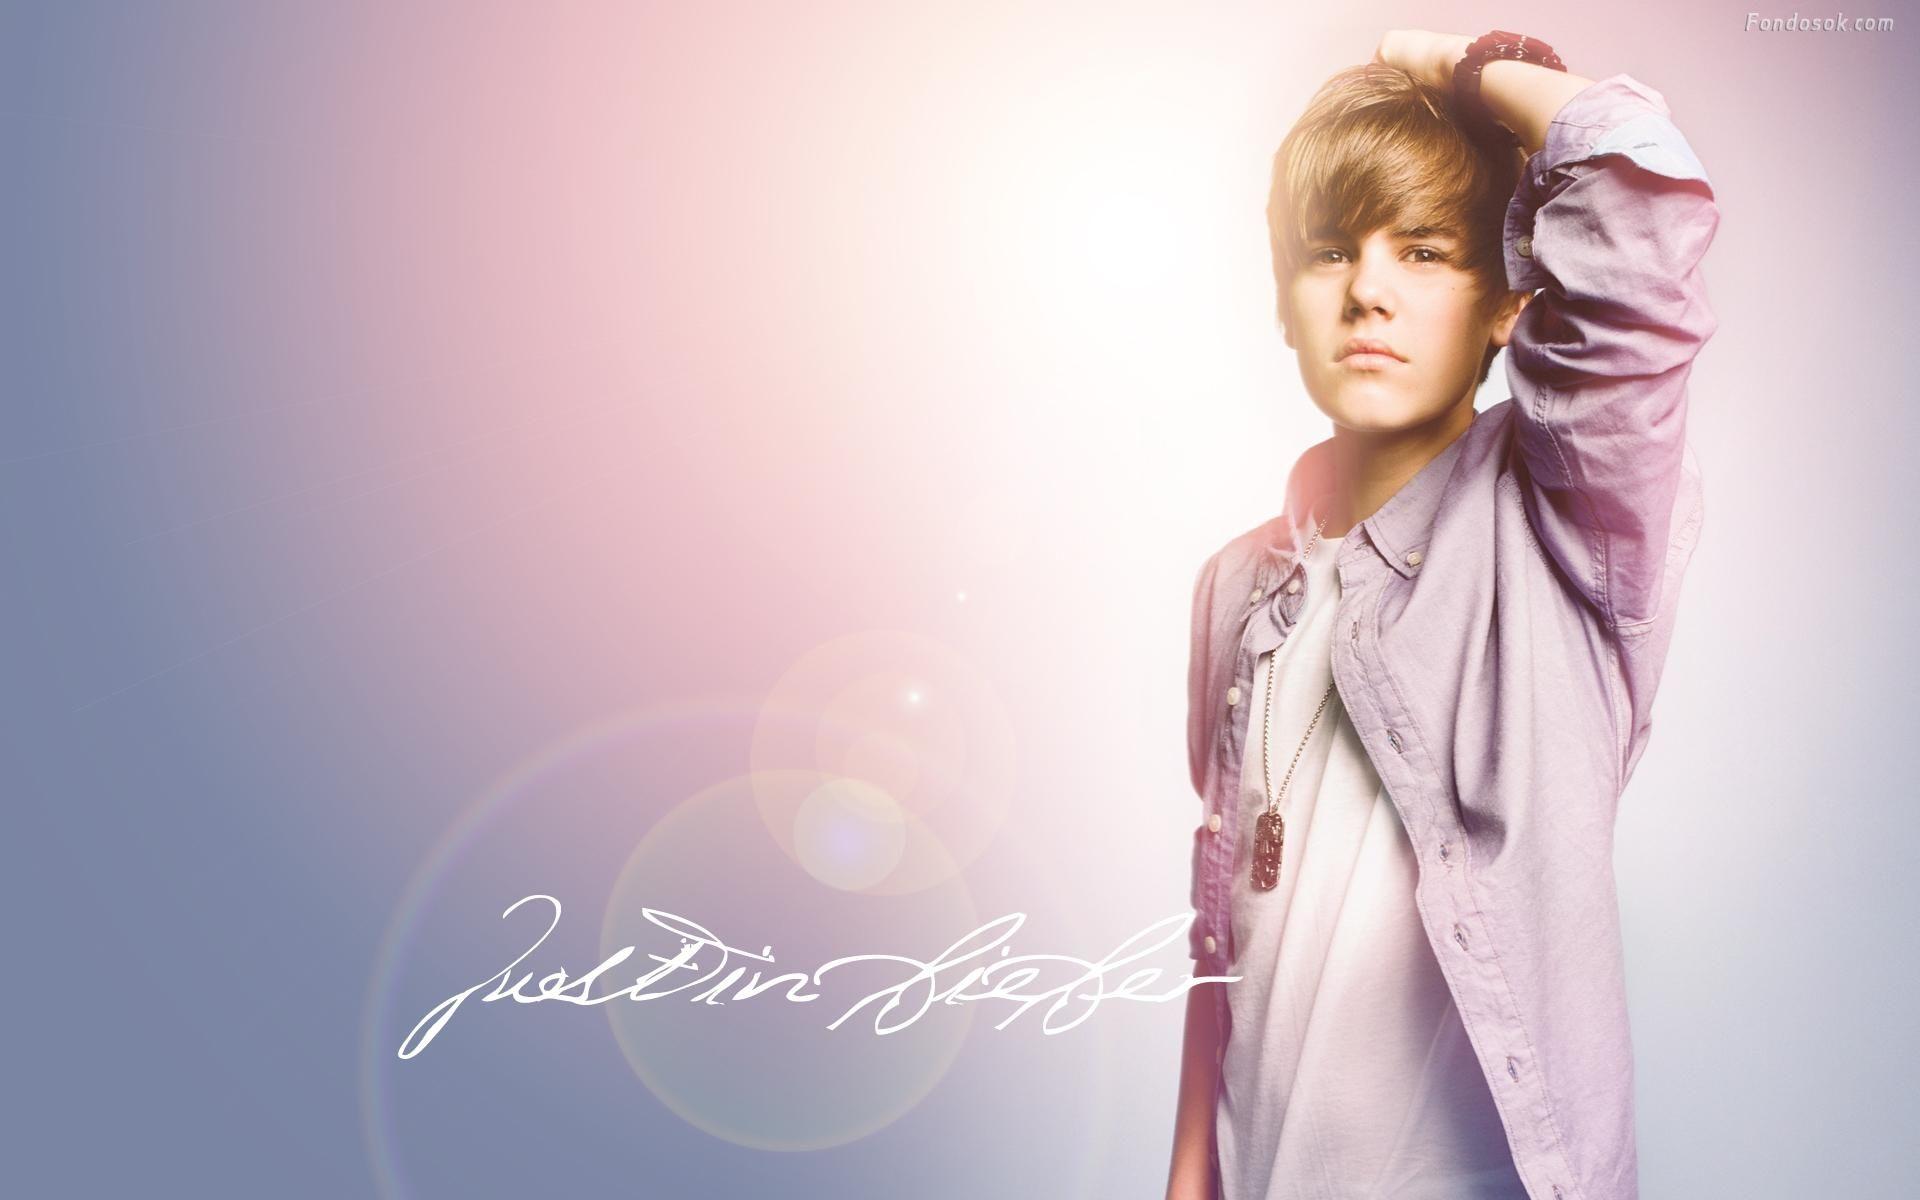 Hd wallpaper justin bieber - Justin Bieber Hd Images Whb Justinbieberhdimages Justinbieber